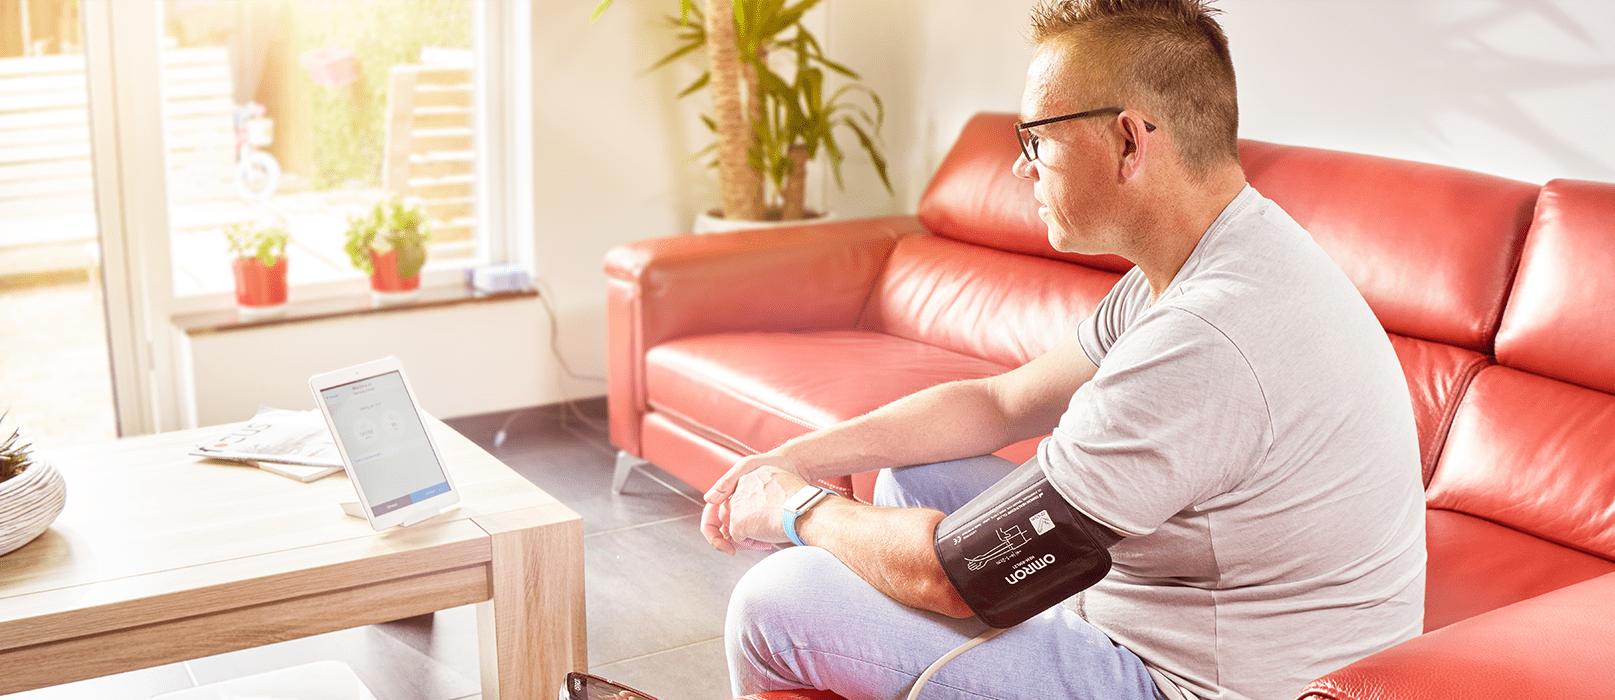 Thuis bloeddruk meten met de app van cVitals